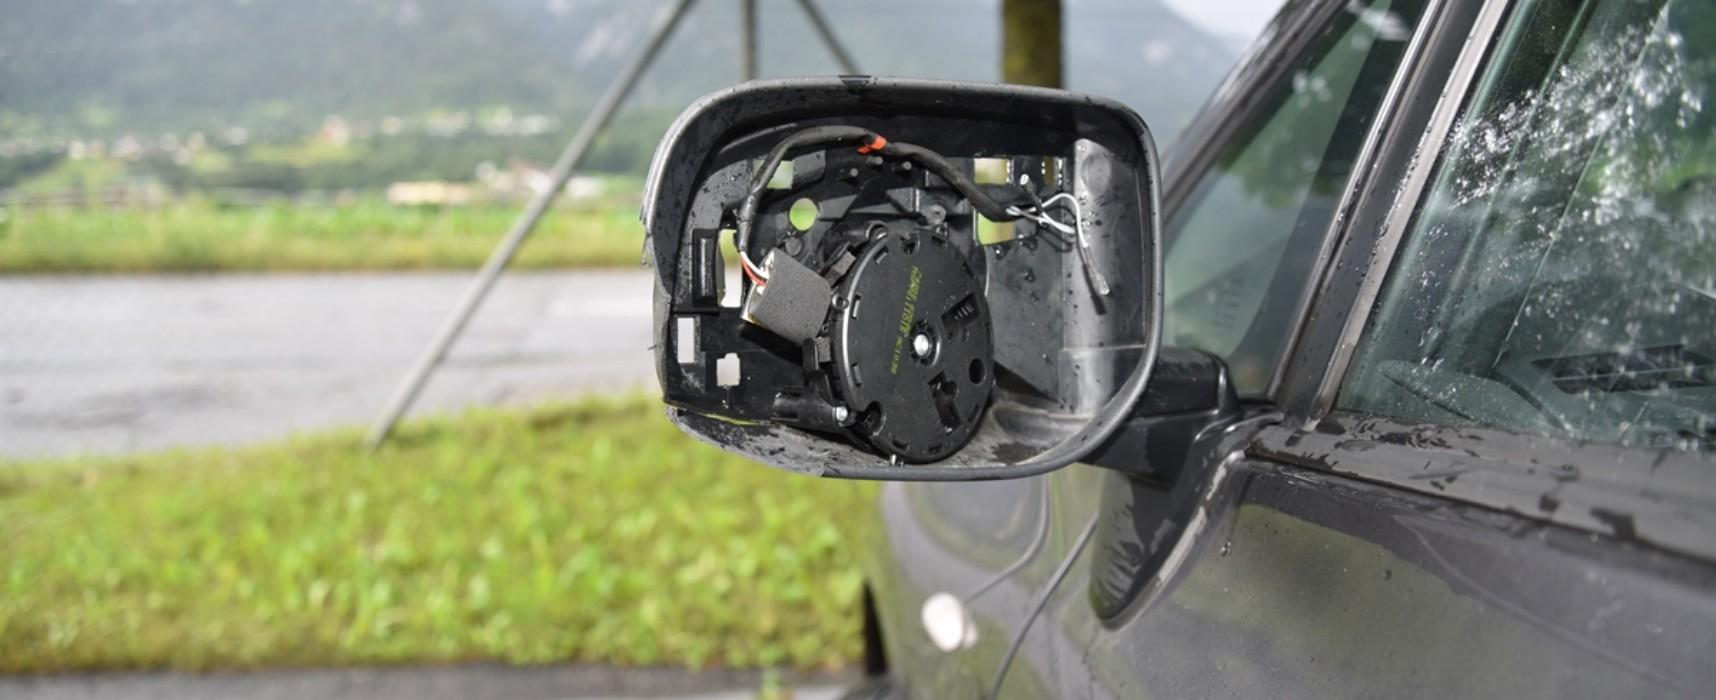 Unfallflucht in Bonaduz auf der A13?